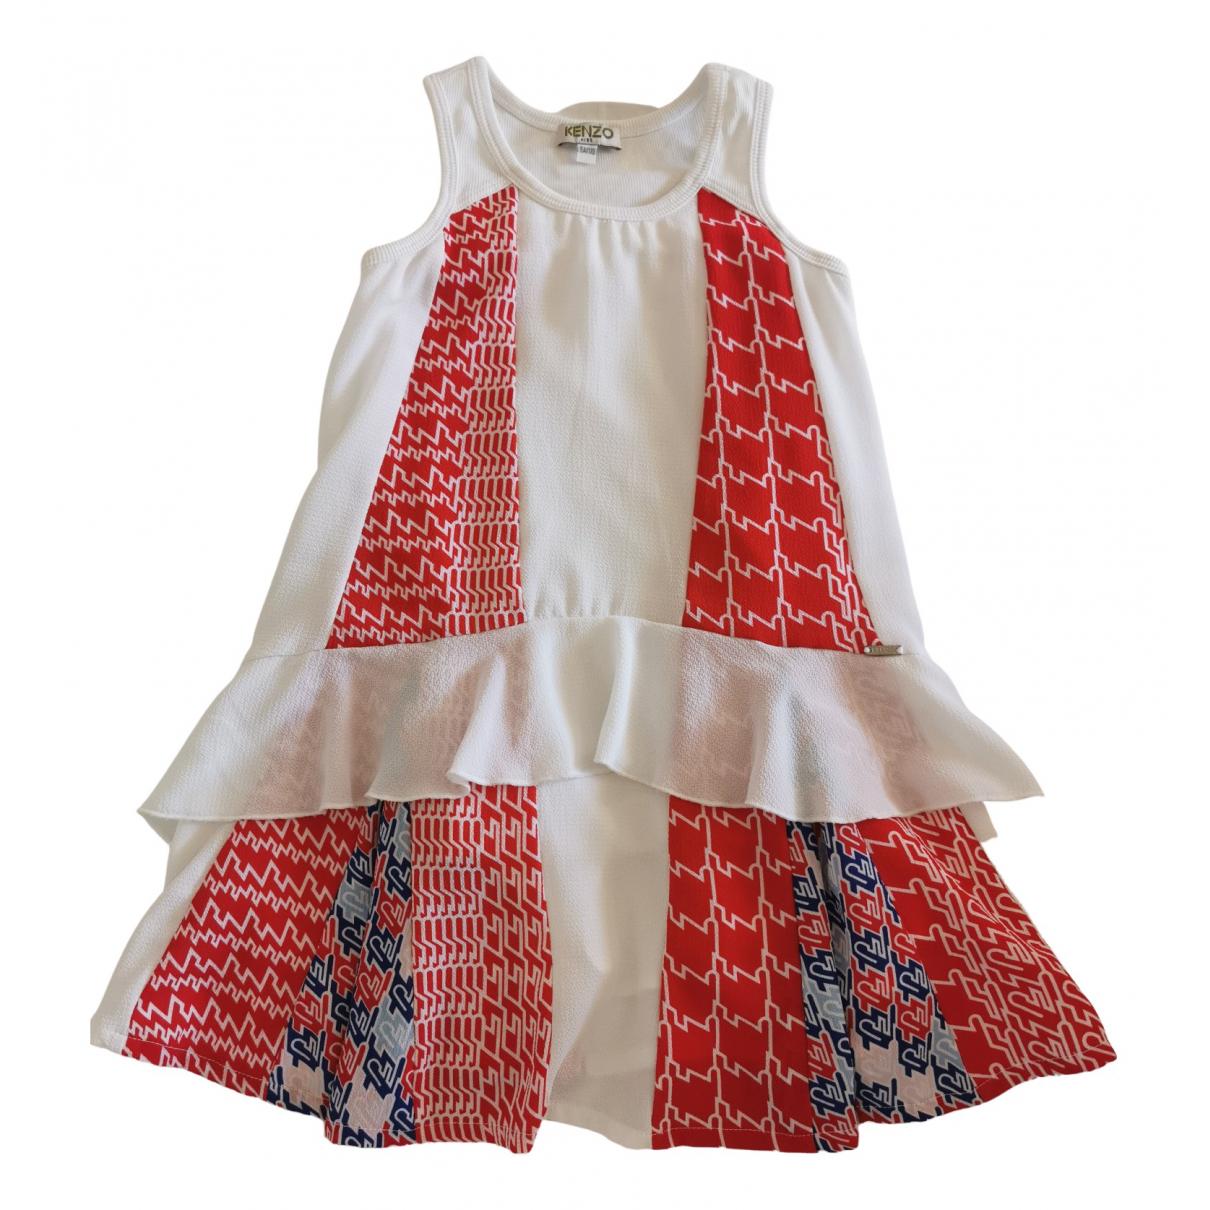 Kenzo \N Kleid in  Weiss Polyester